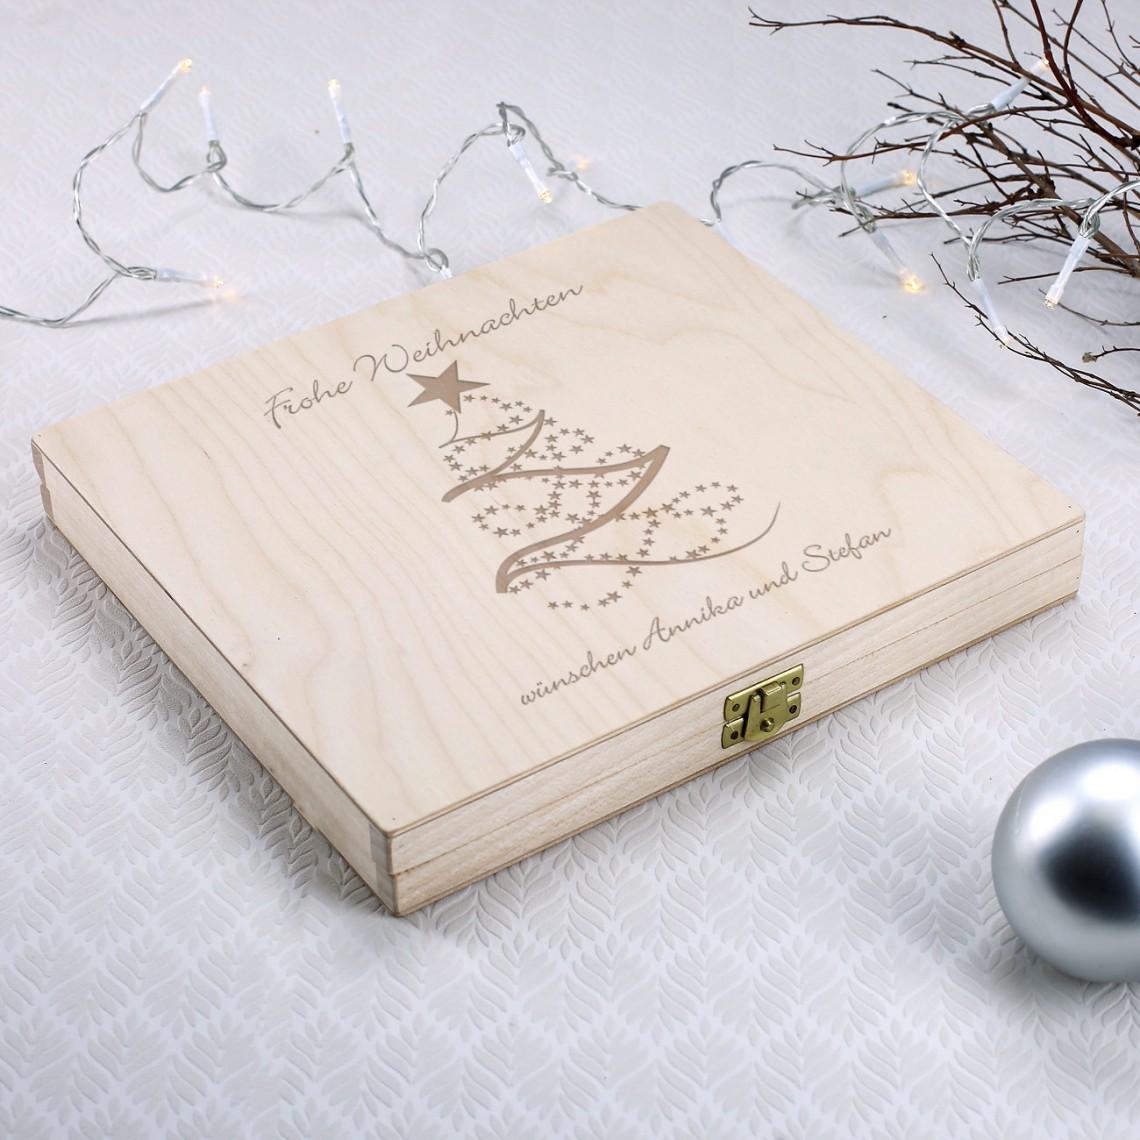 Persönlich gravierte Holzbox für Weihnachten